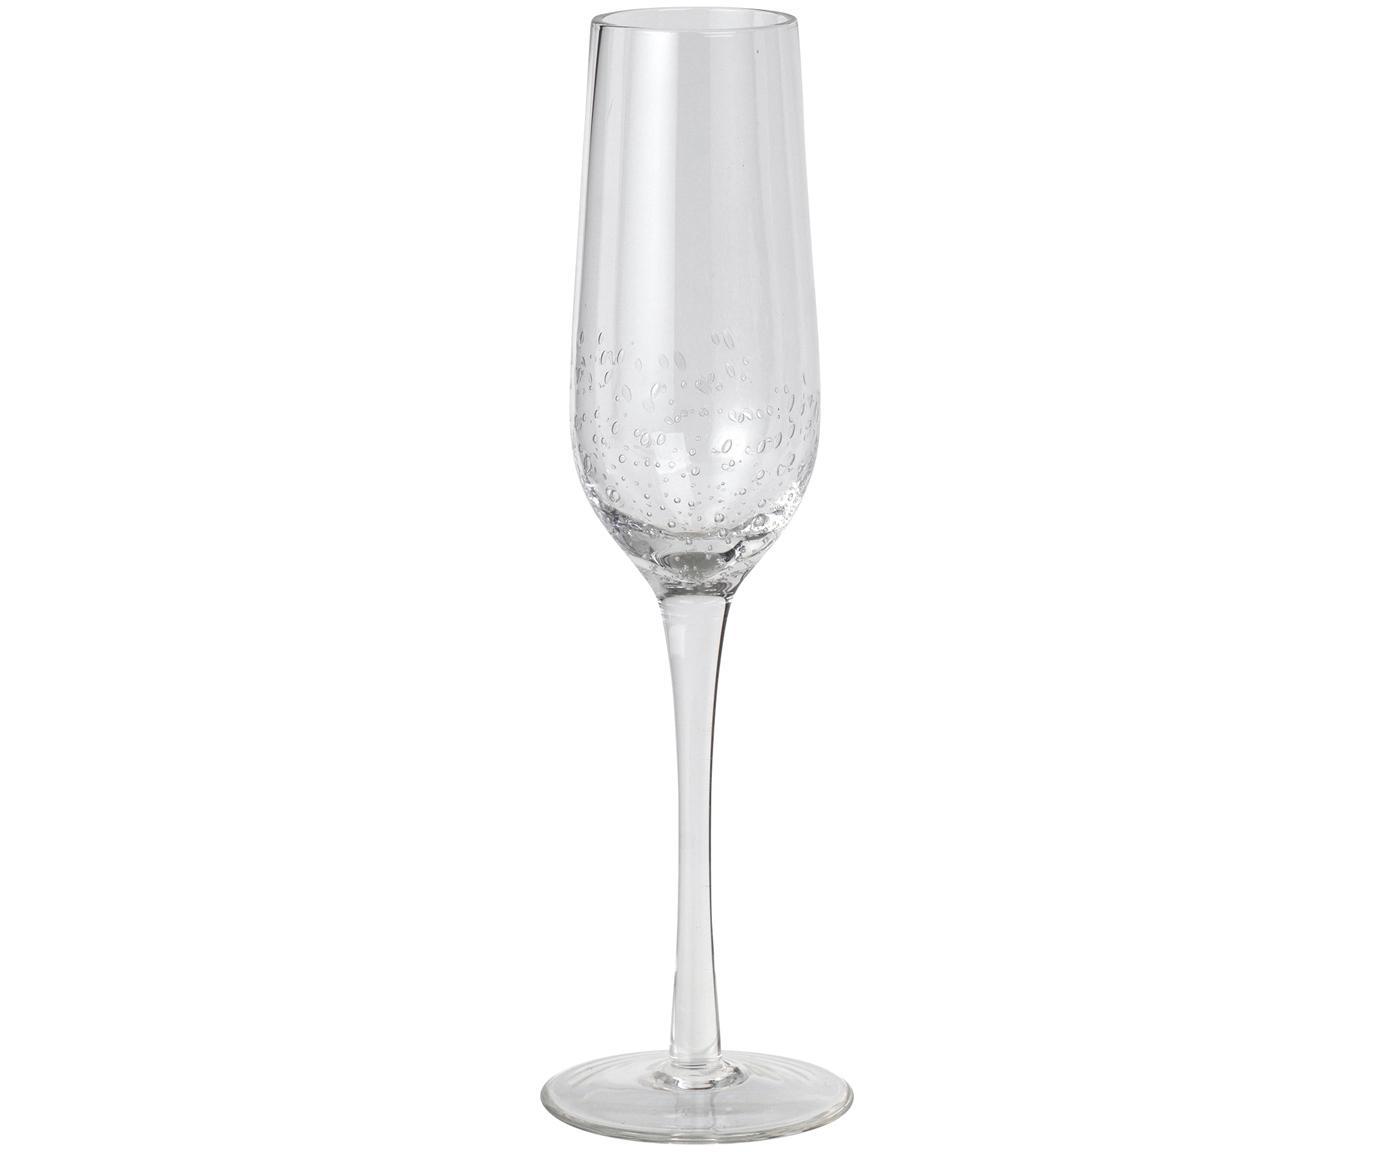 Mundgeblasene Sektgläser Bubble, 4er-Set, Glas, mundgeblasen, Transparent mit Lufteinschlüssen, Ø 7 x H 25 cm